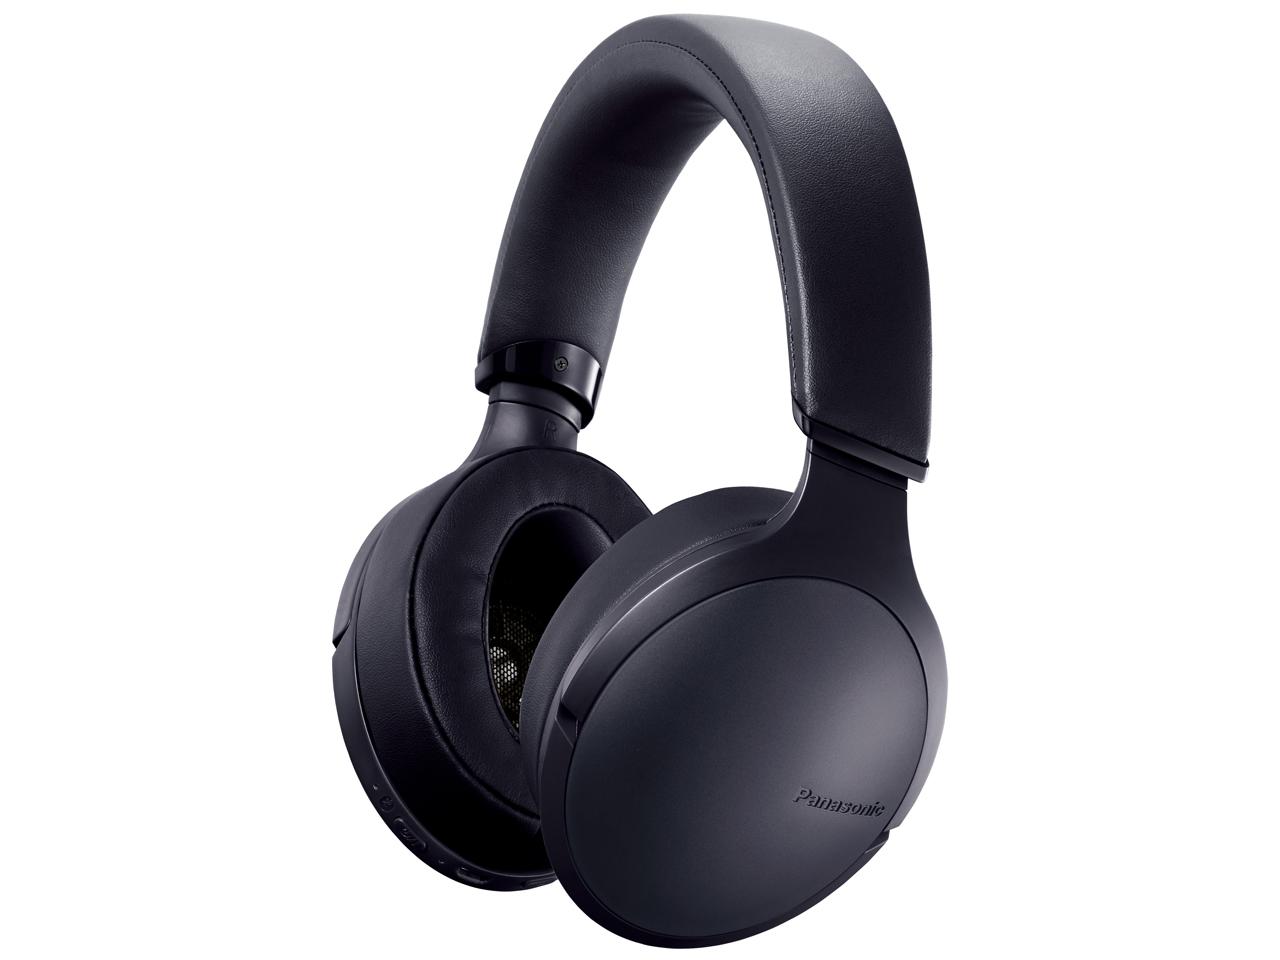 パナソニック RP-HD300B-K(ブラック) ワイヤレスステレオヘッドホン [RPHD300BK]